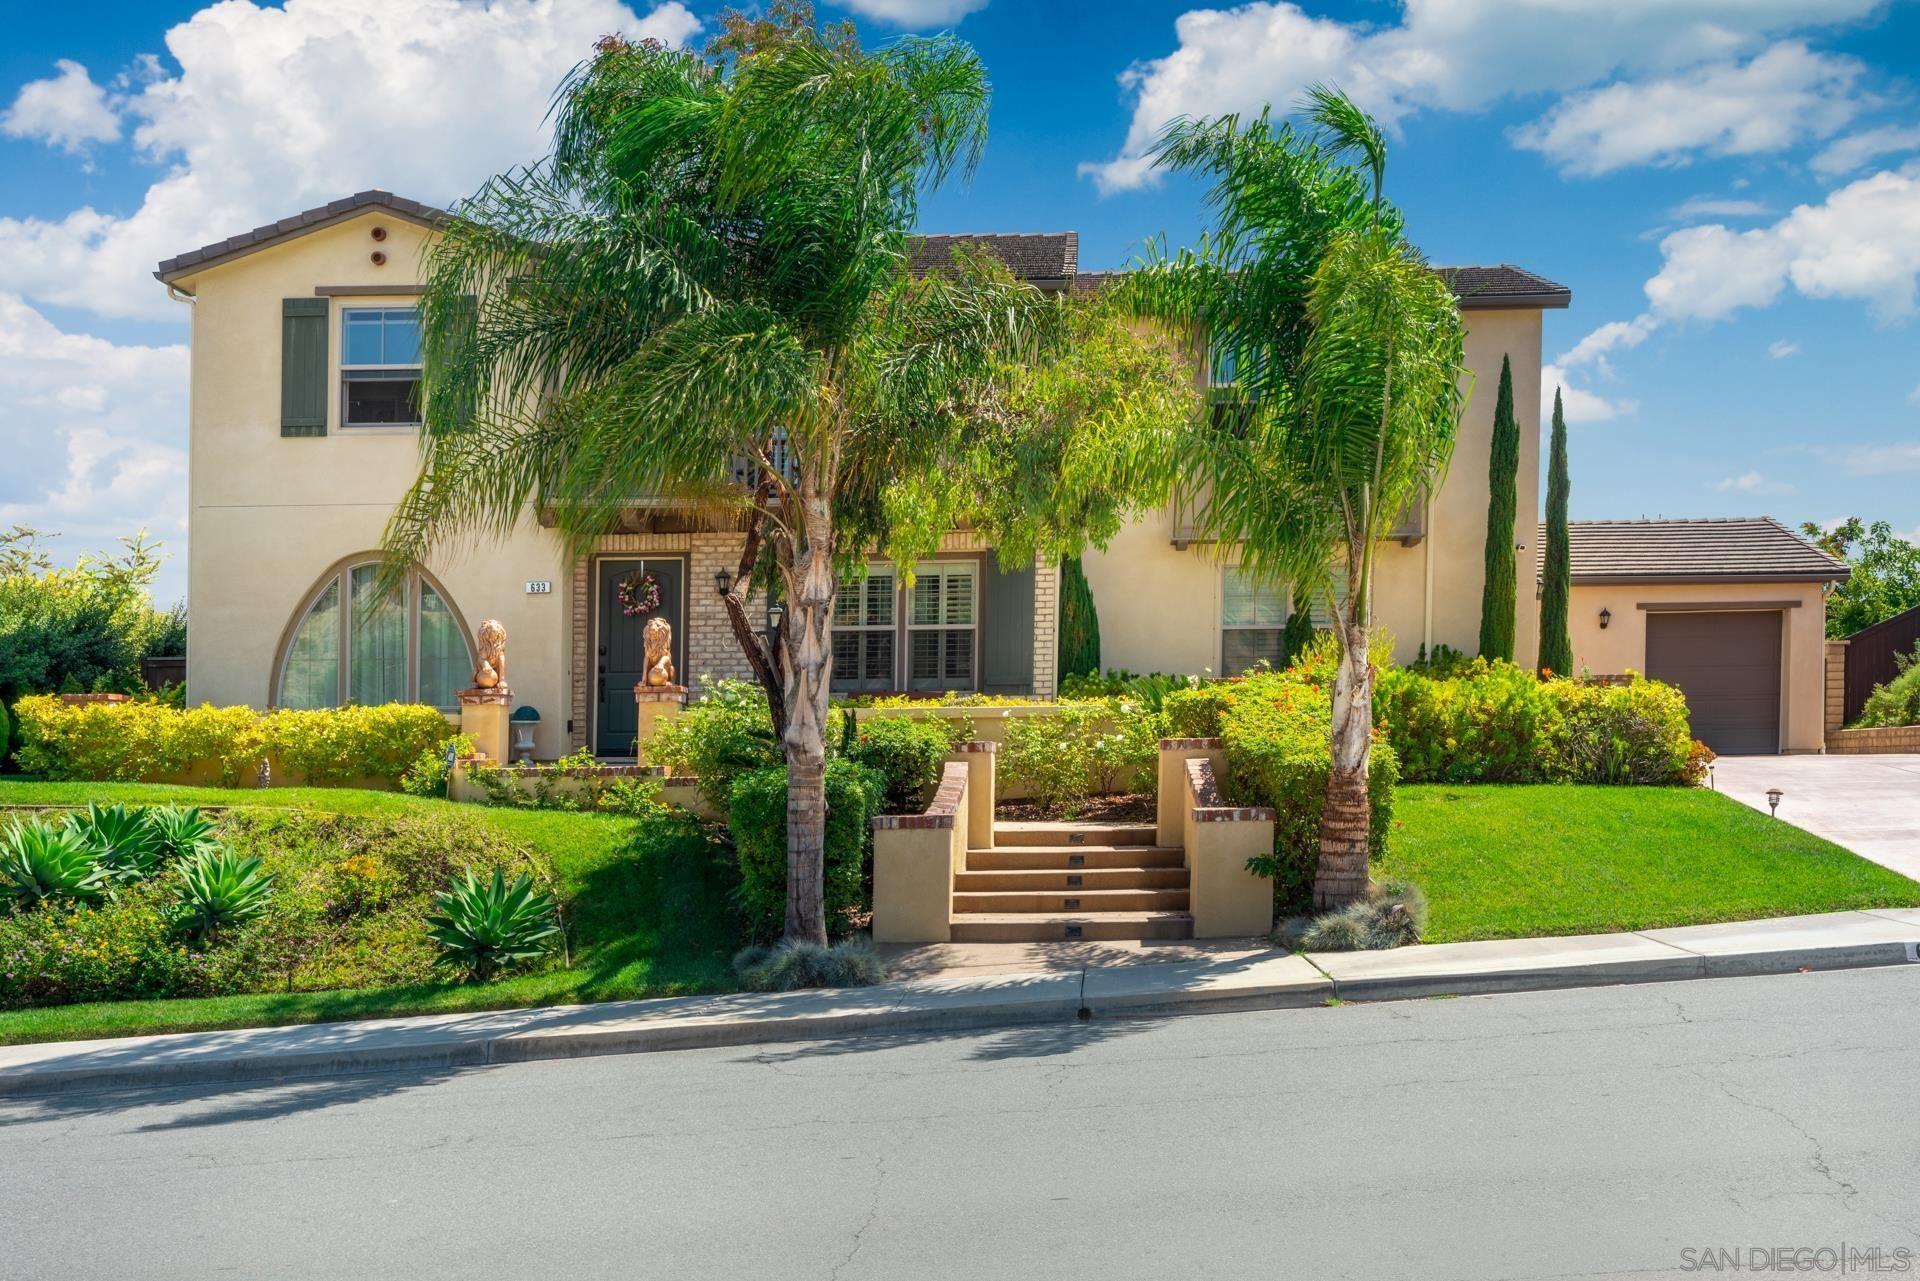 Photo of 633 Coastal Hills Dr, Chula Vista, CA 91914 (MLS # 210026553)